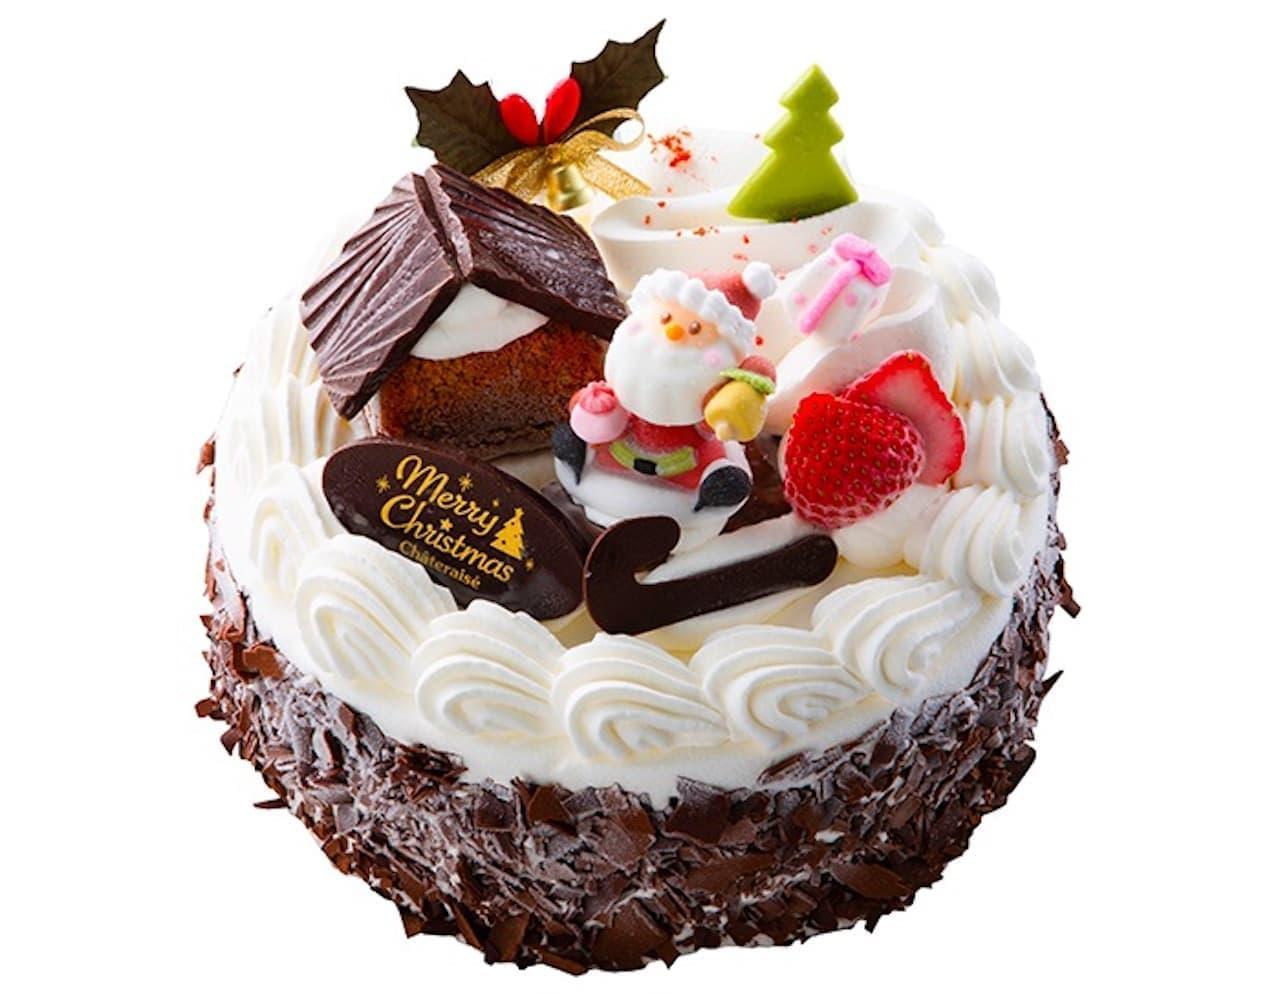 シャトレーゼ「Xmasアイスデコレーション パリパリチョコバニラ&チョコクッキー 」